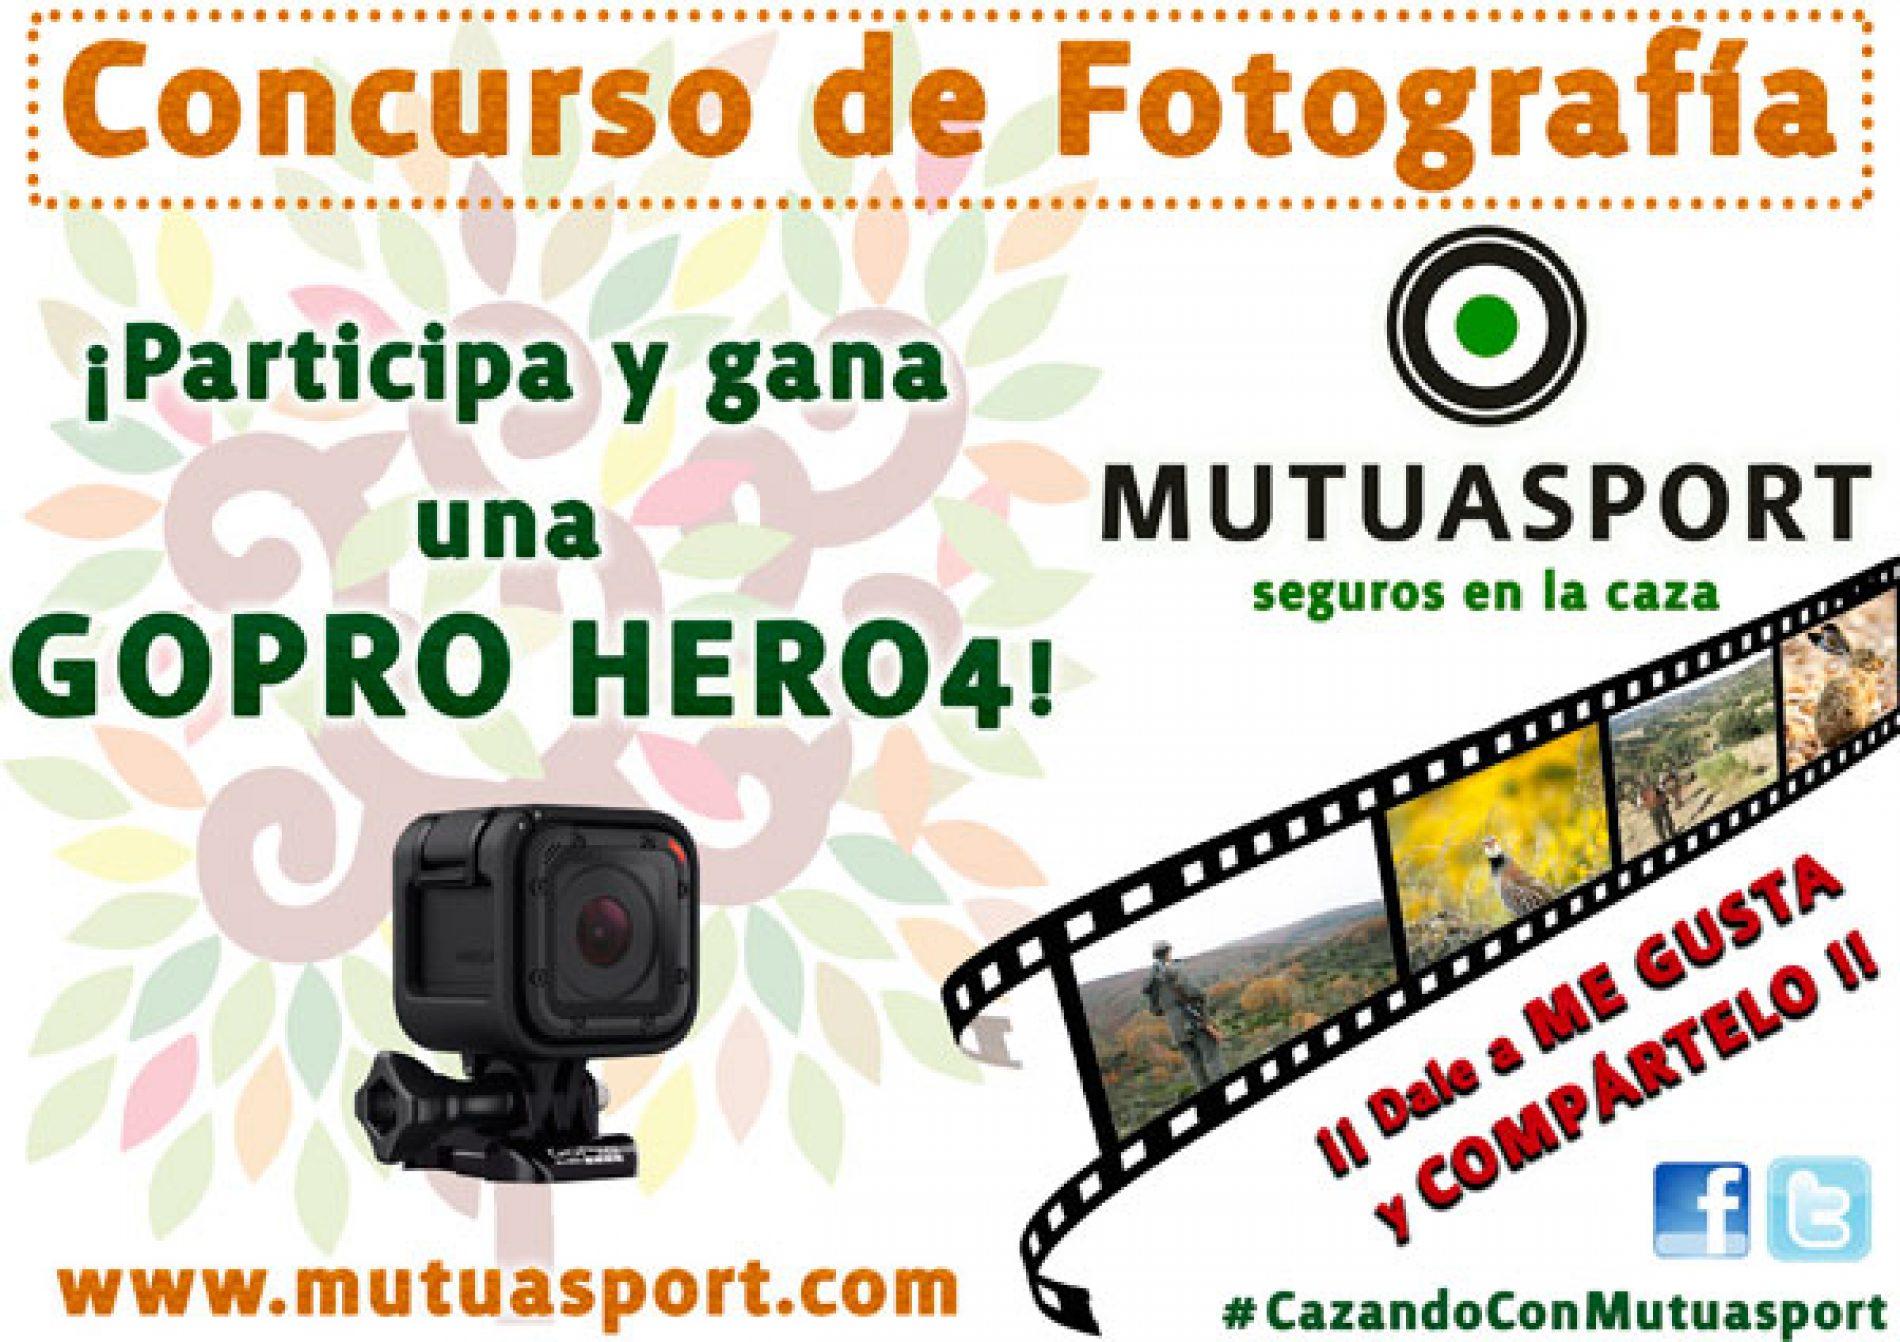 Mutuasport convoca el concurso de fotografía #CazandoConMutuasport